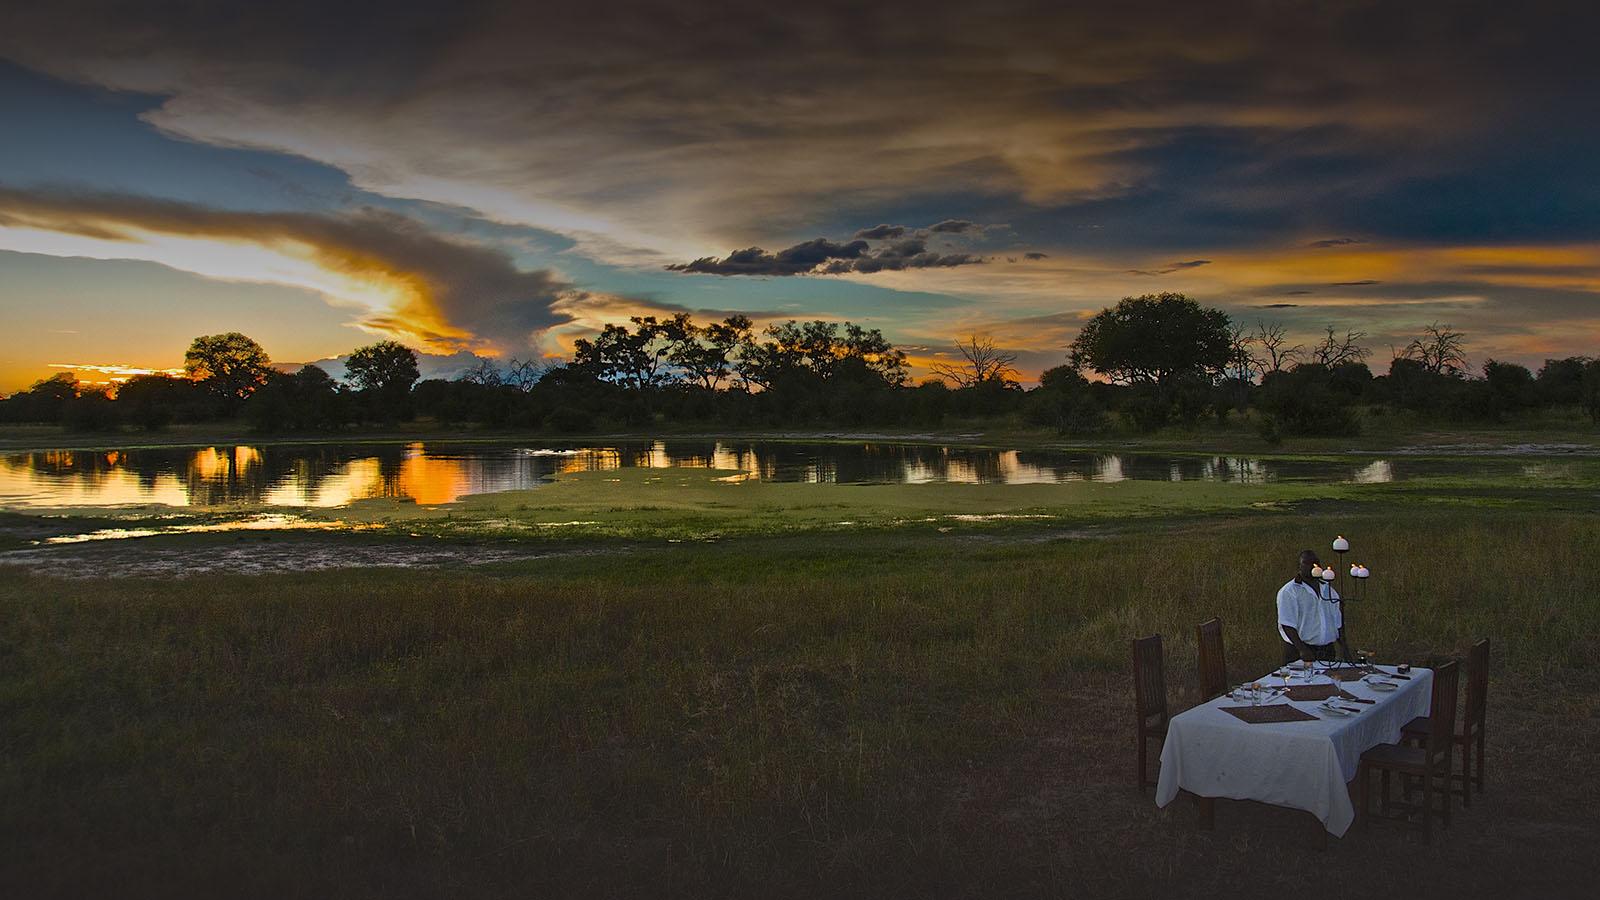 bomani tented lodge zimbabwe-accommodation-hwange-national-park-lodges-dining